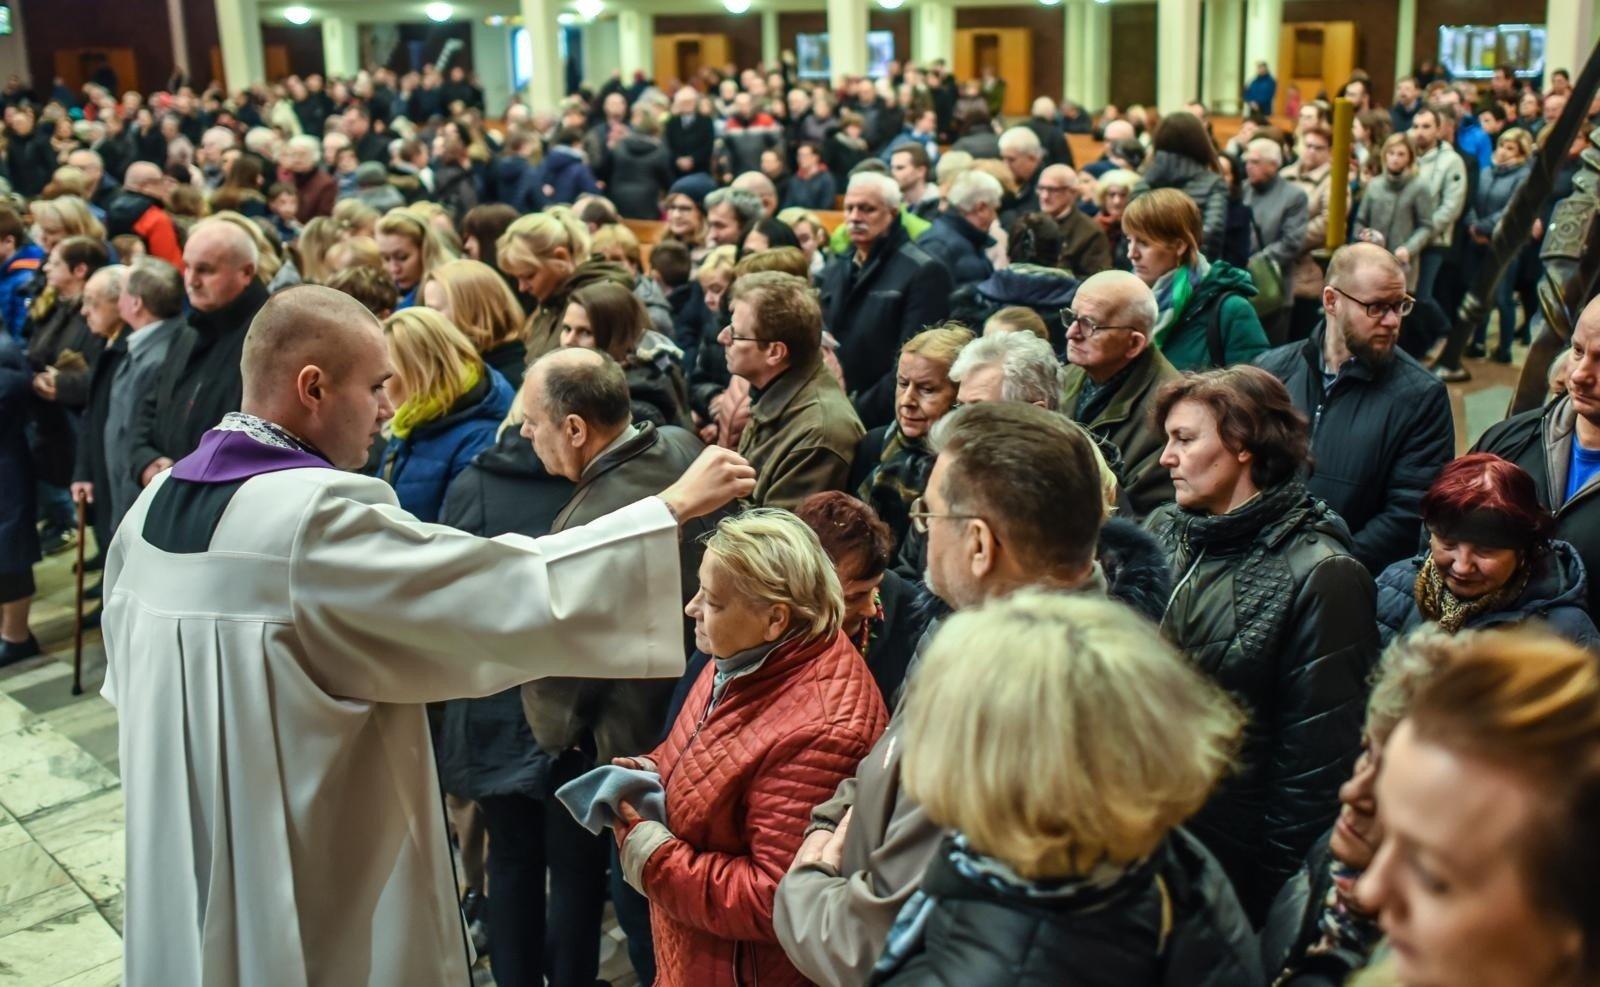 Środa Popielcowa rozpoczyna Wielki Post. Czy w Popielec trzeba iść do kościoła? | Gazeta Pomorska